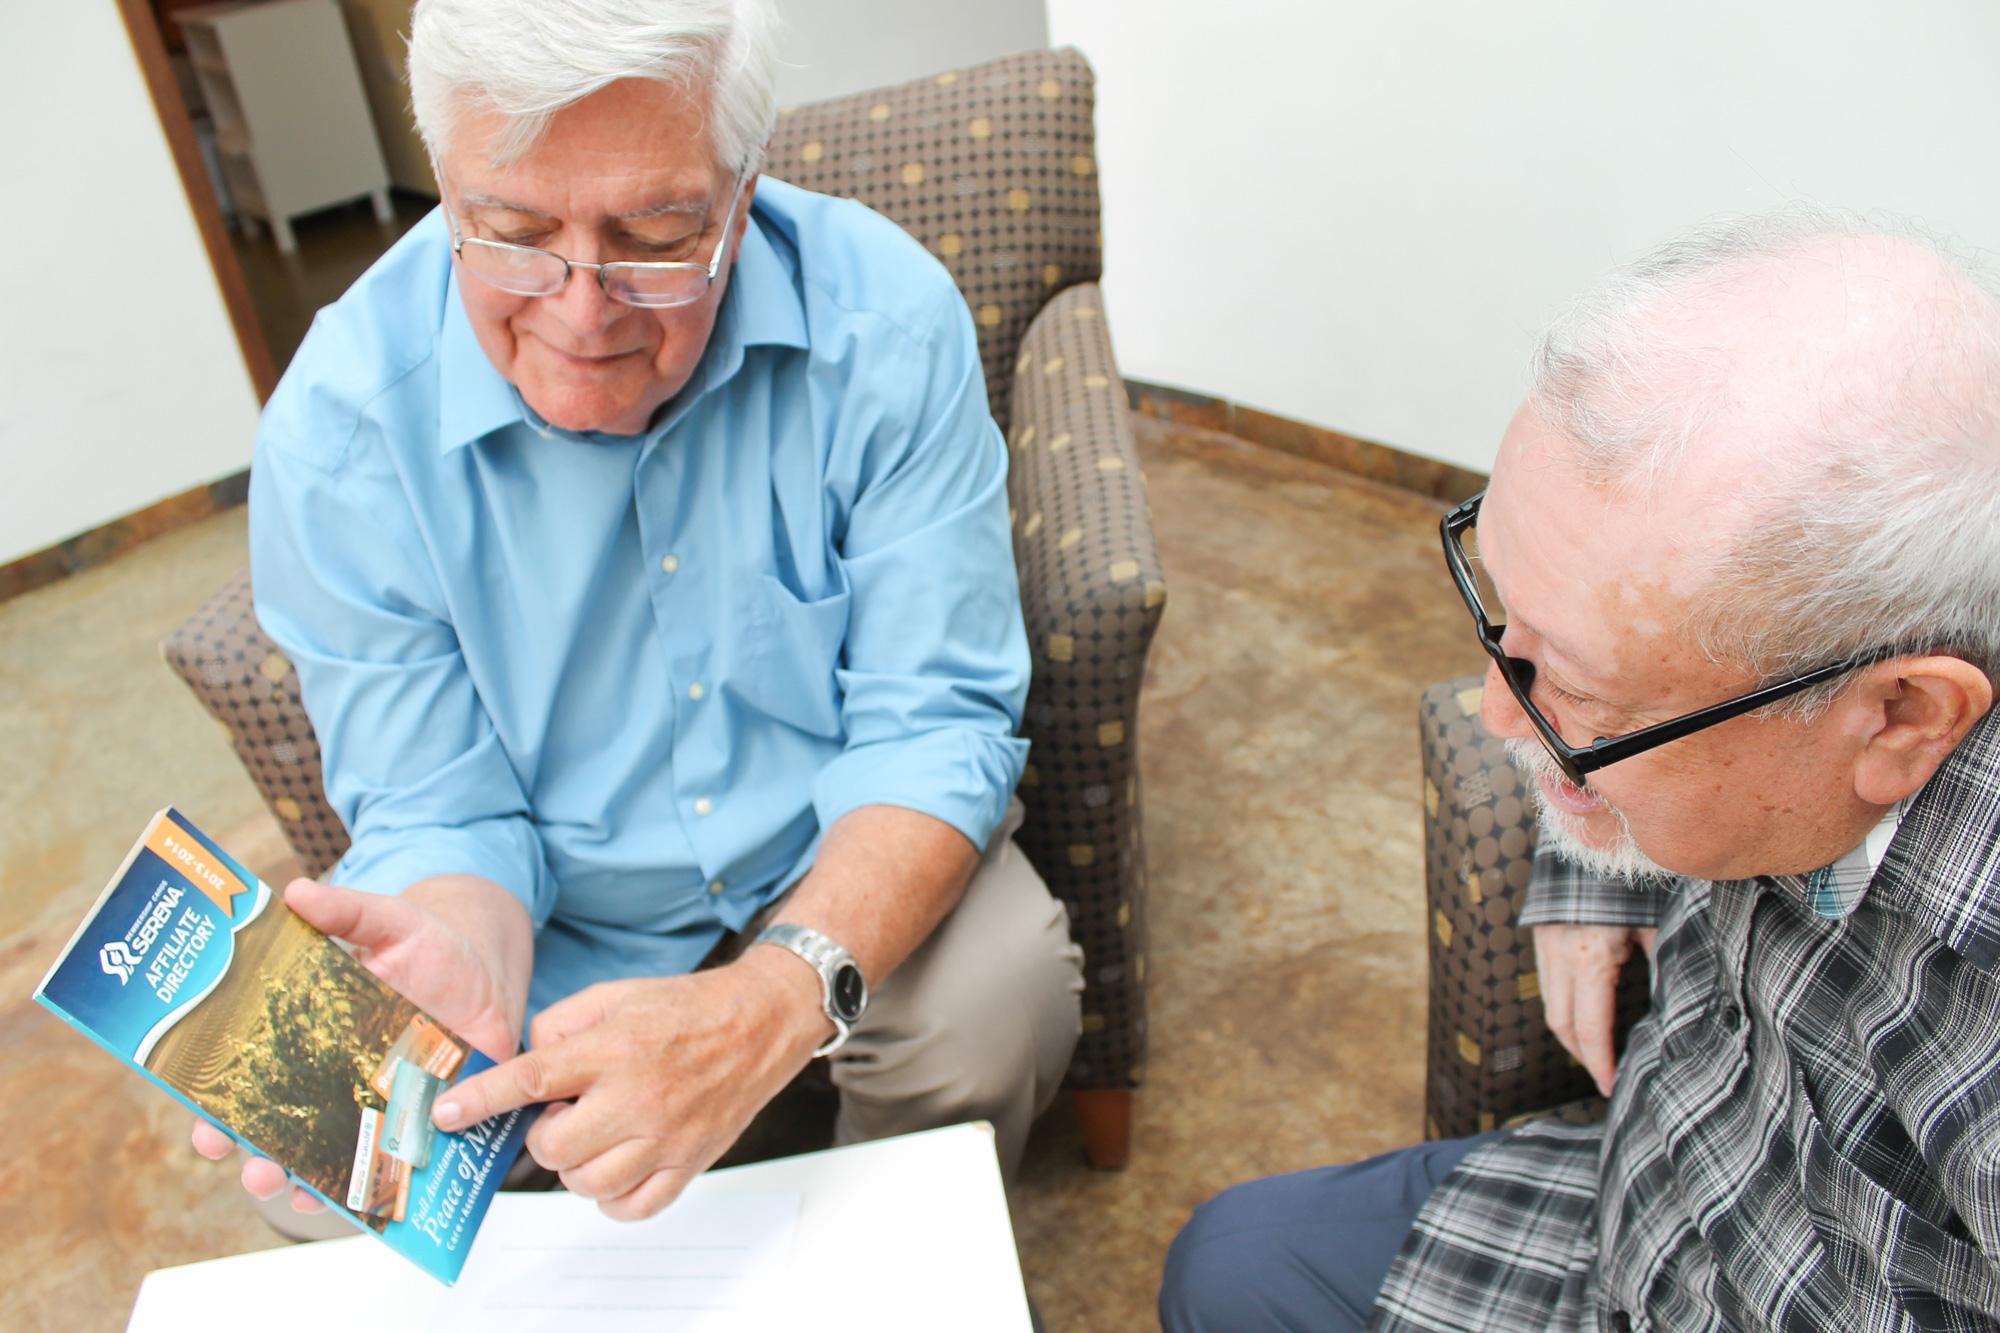 Un feliz tarjeta habiente comparte información sobre Serena a otro adulto mayor